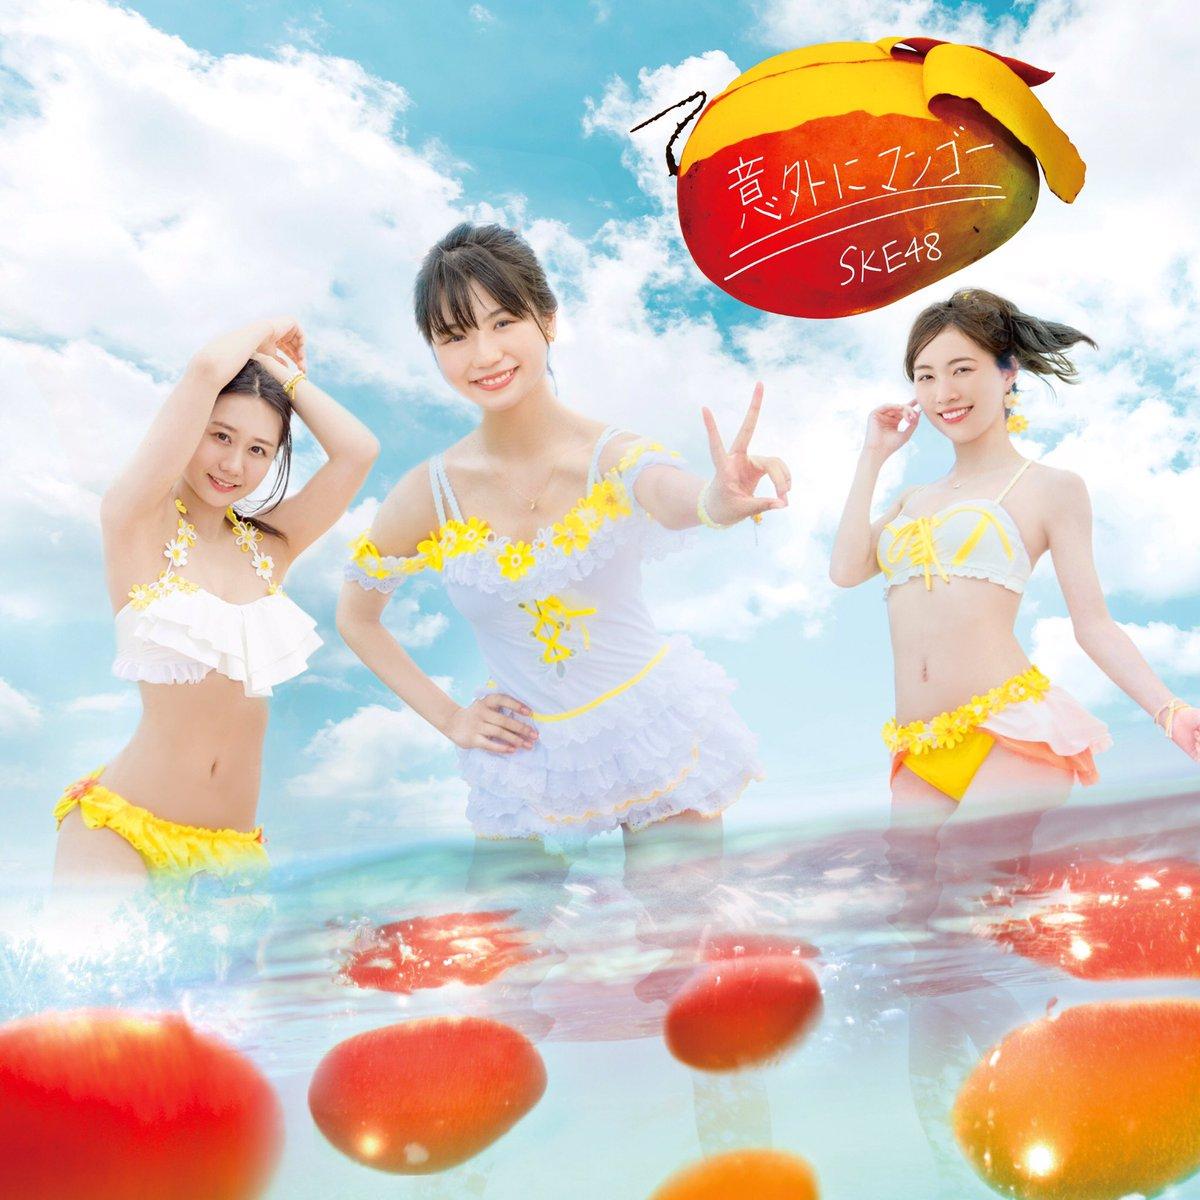 【ご案内】 7月19日リリース、21枚目のシングル「意外にマンゴー」のジャケット写真を公開致します。…